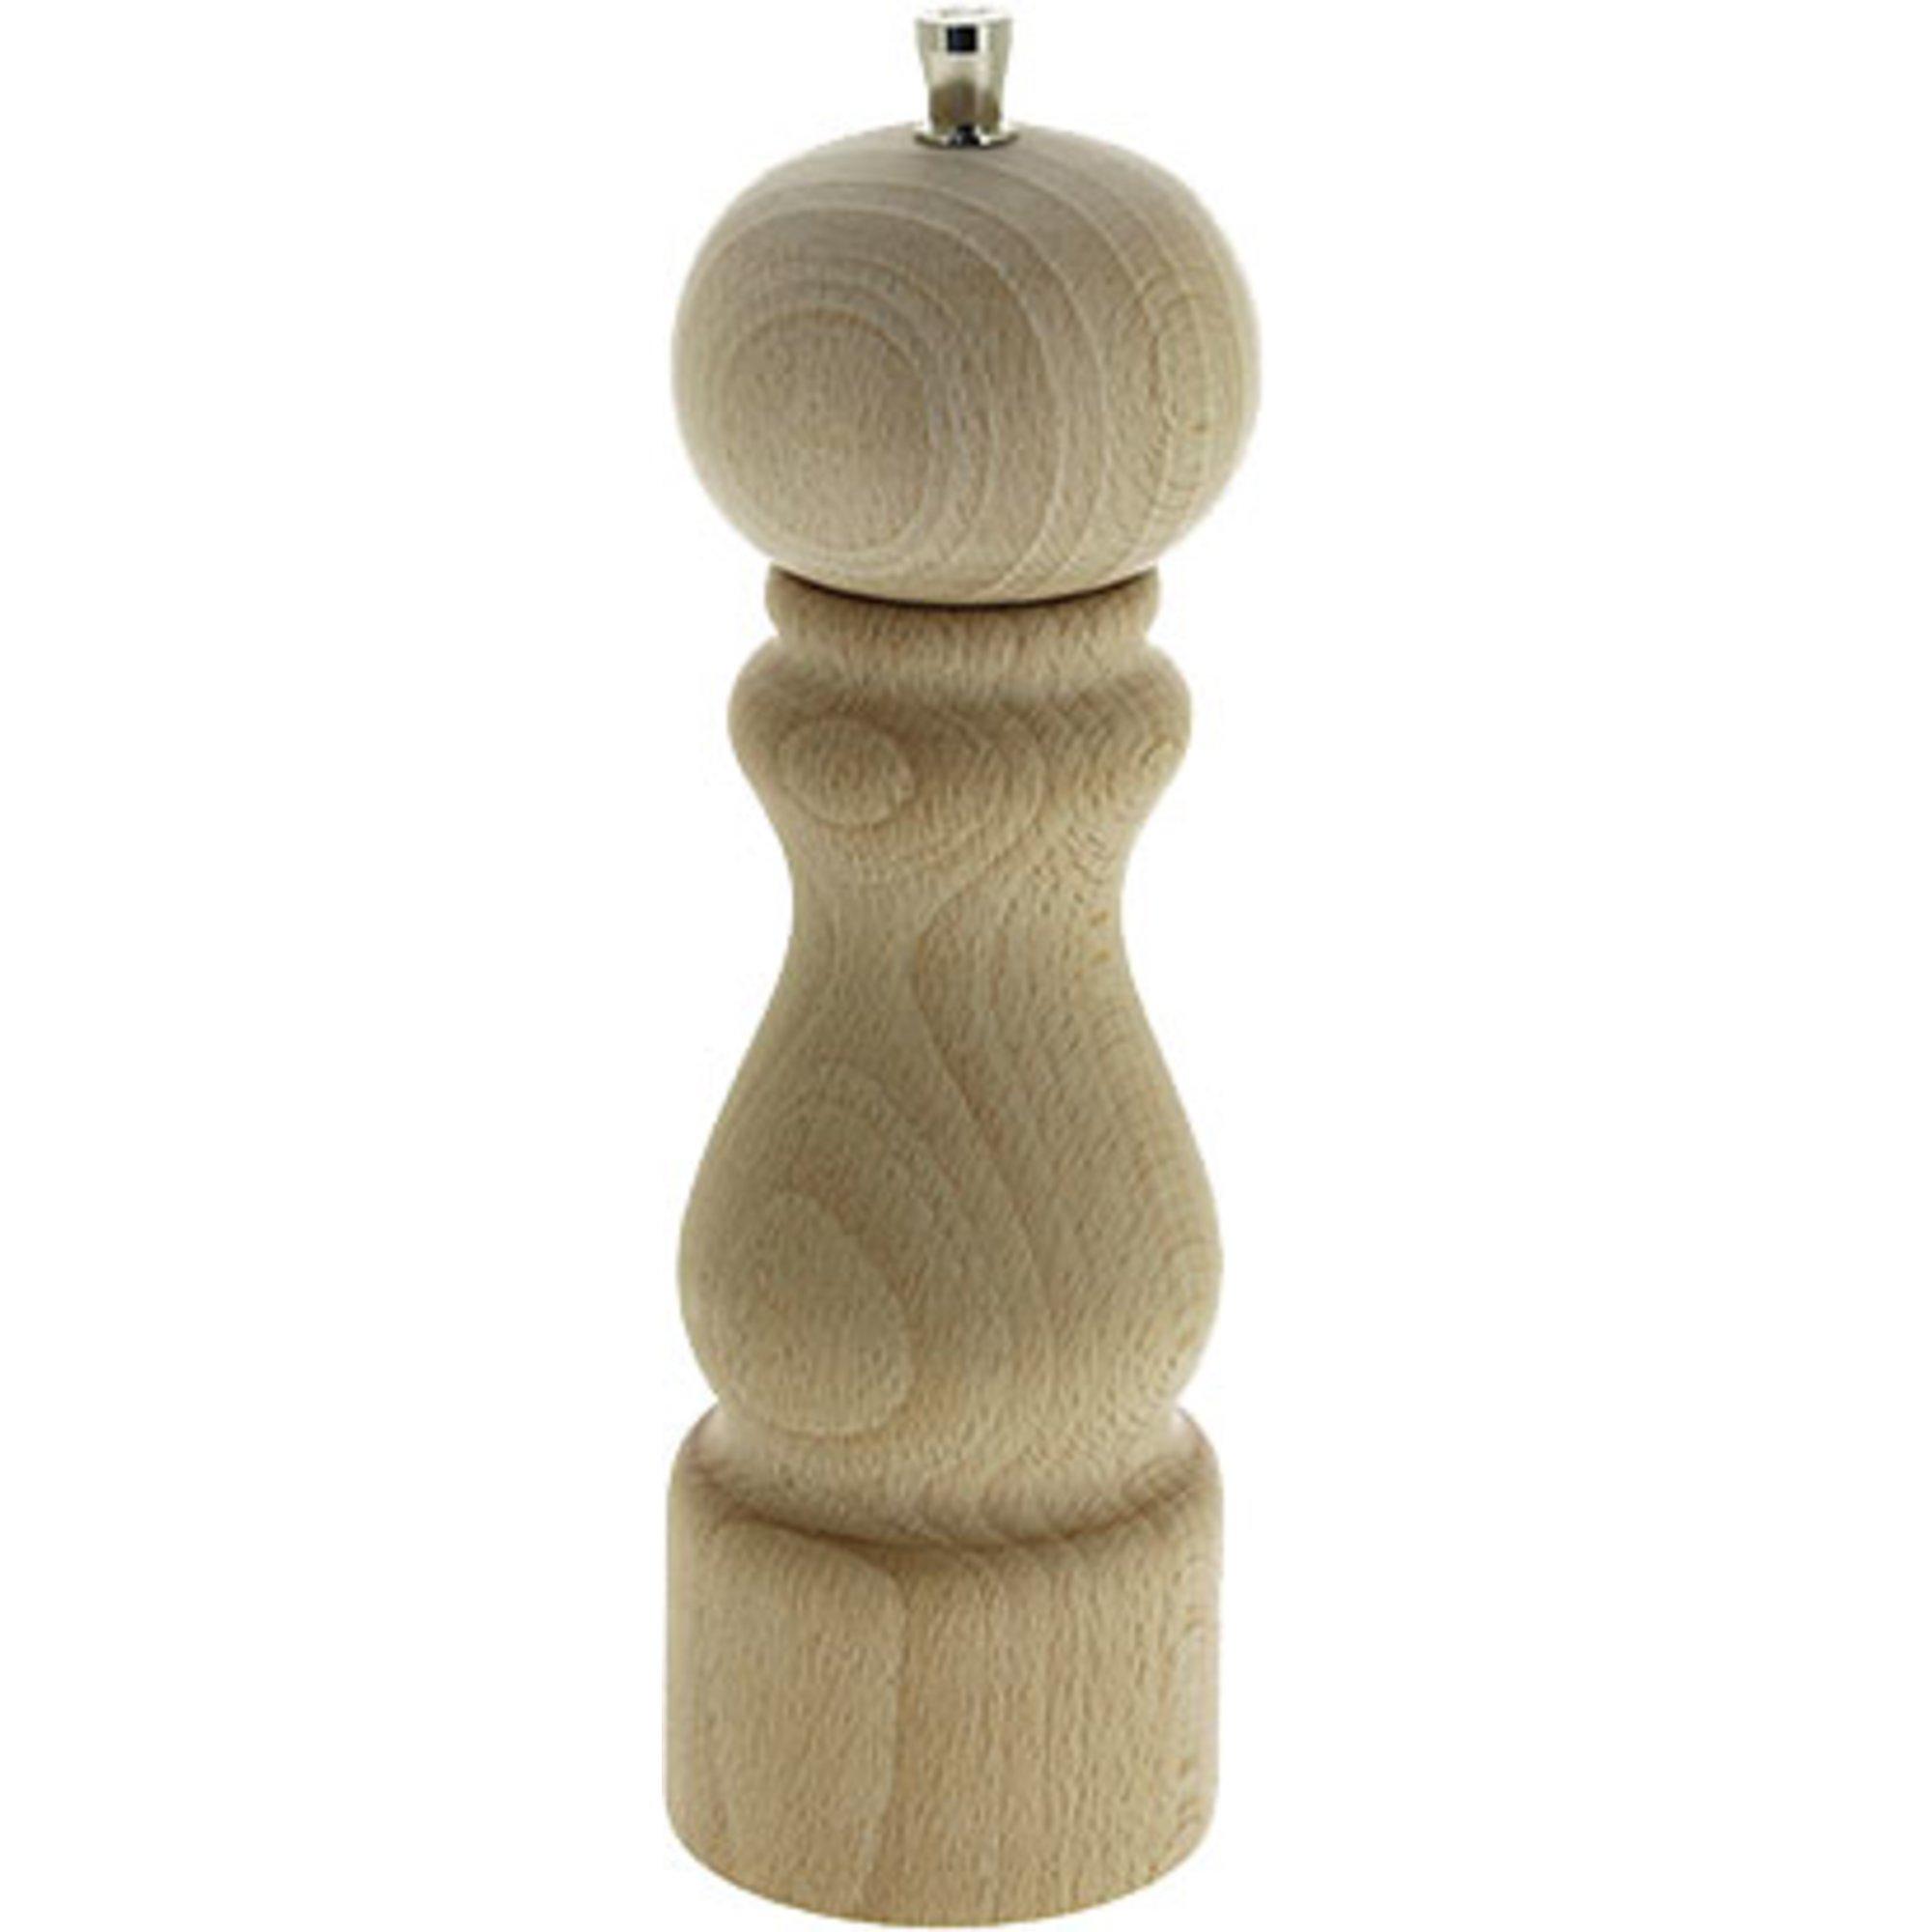 De Buyer Rumba B Bois Kryddkvarn 20 cm